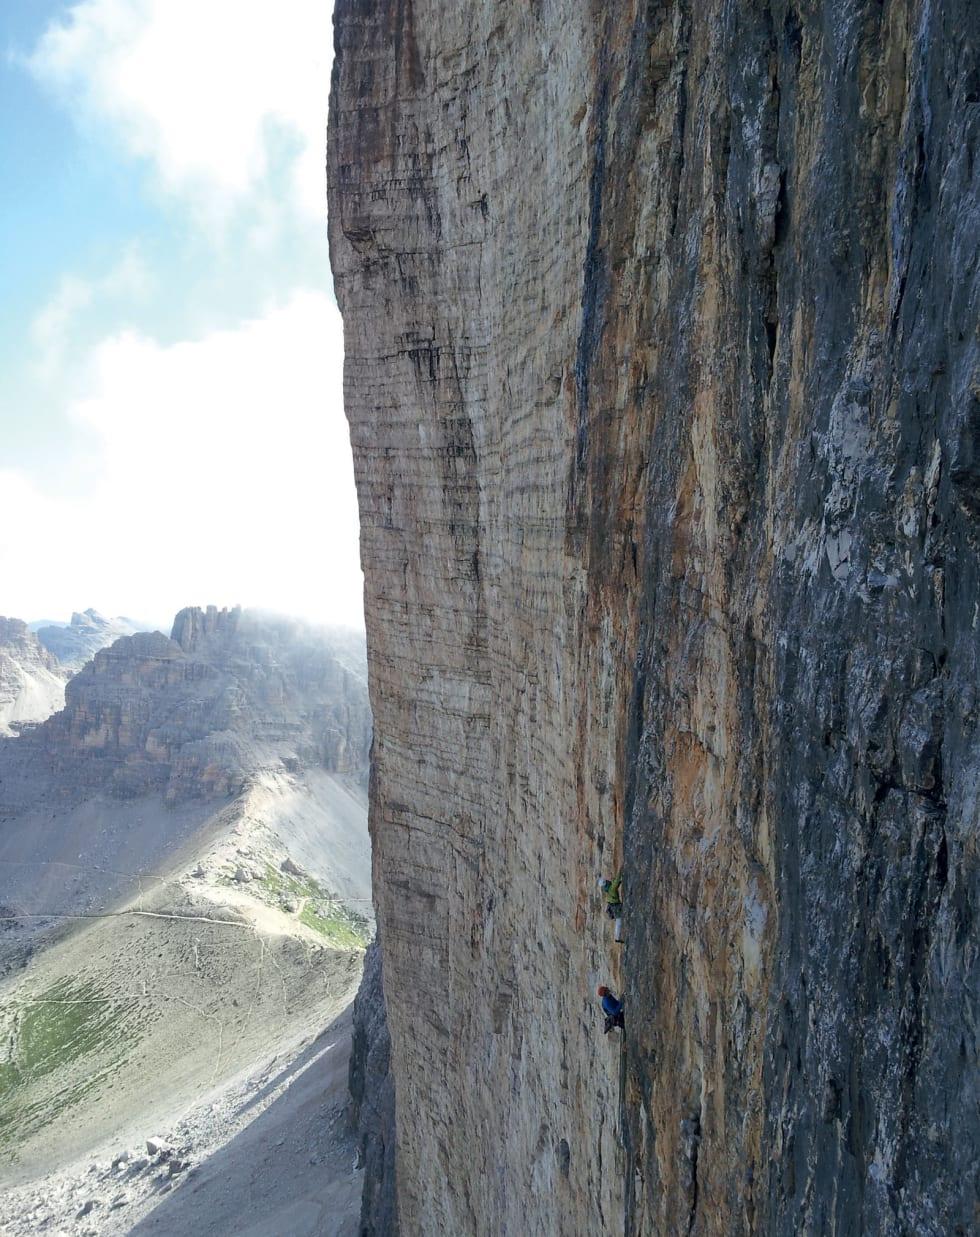 MEKTIG: Utsikt fra Comici mot en klatrer på ISO 2000 (7+/8-) og Hasse-Brandler (7+/8-) litt lenger borte. Foto: Steve Enger